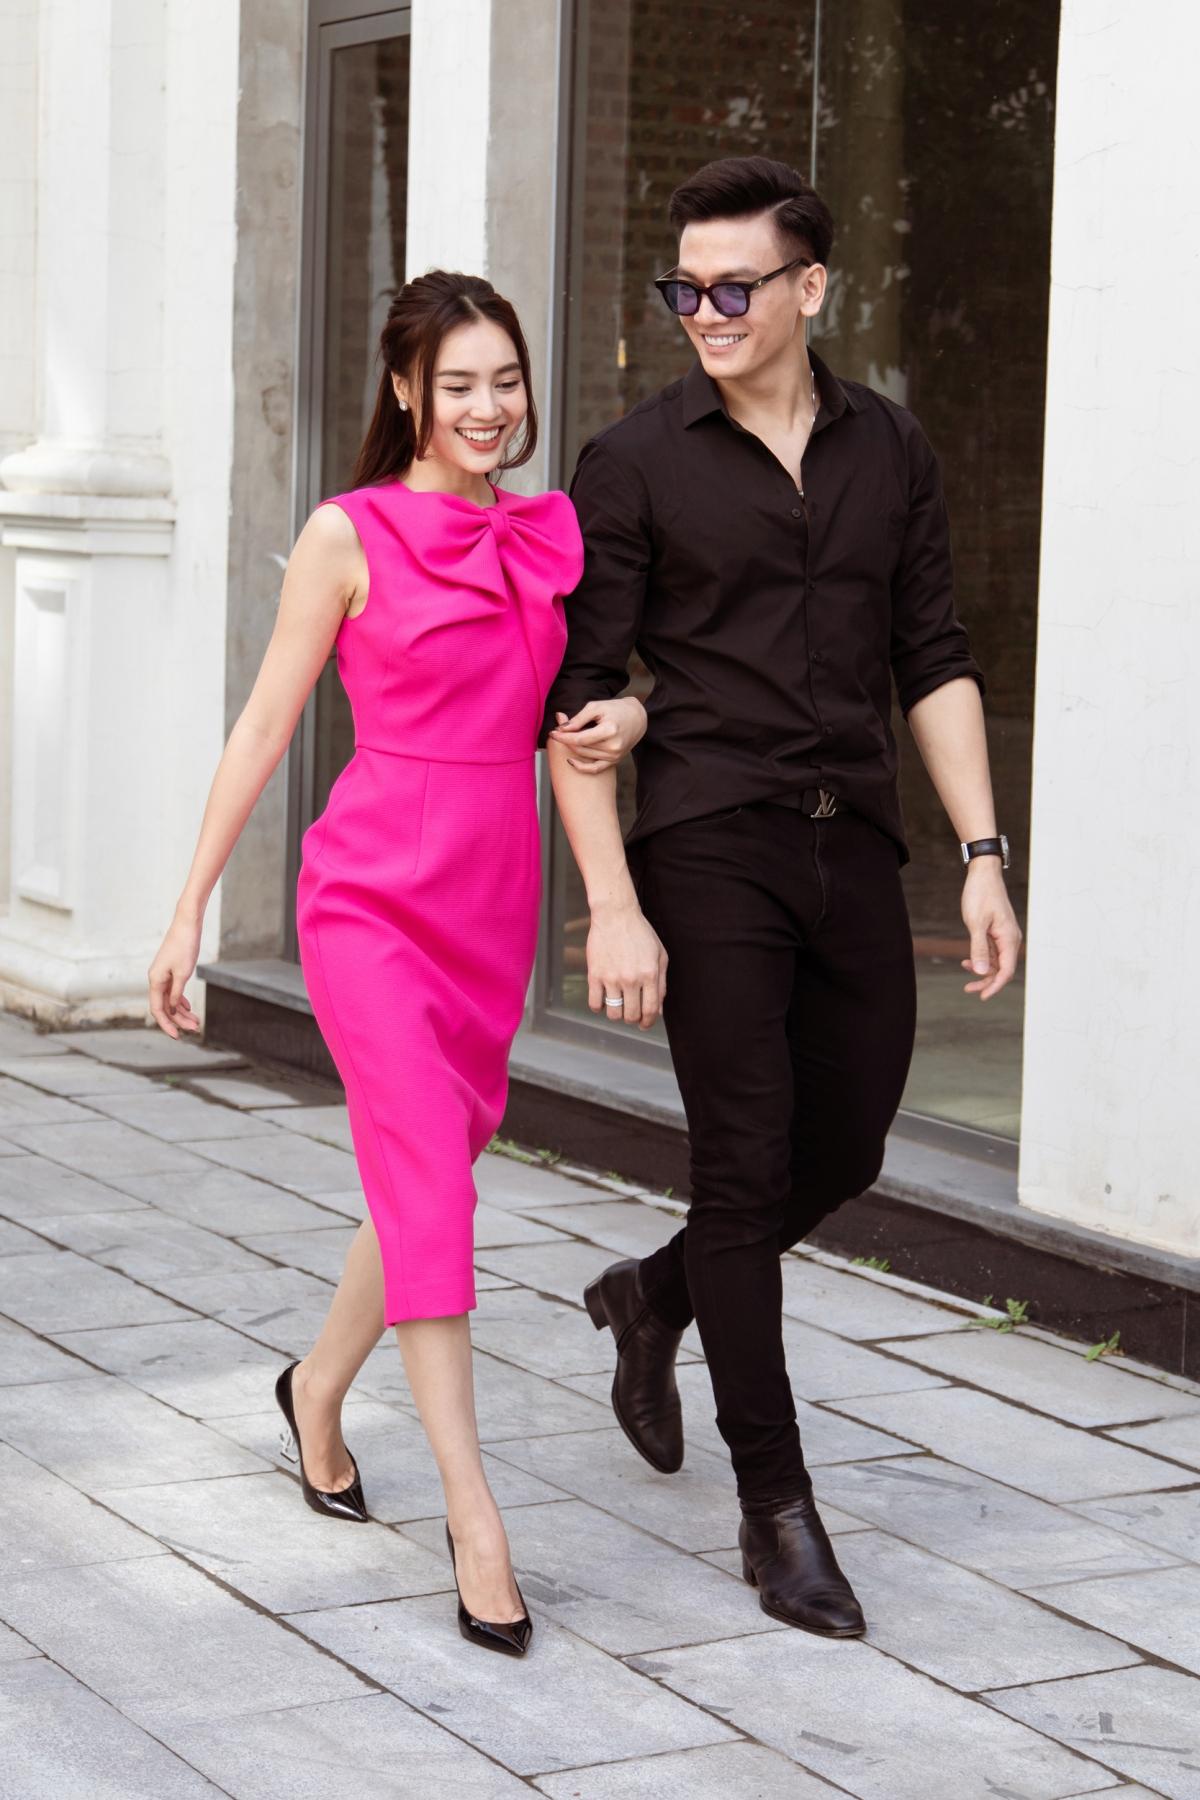 Lan Ngọc vui vẻ xuống phố cùng diễn viên Lê Xuân Tiền. Cả hai từng vào vai người yêu trong phim Gái già lắm chiêu 3, ra mắt rất thành công vào đầu năm 2020.